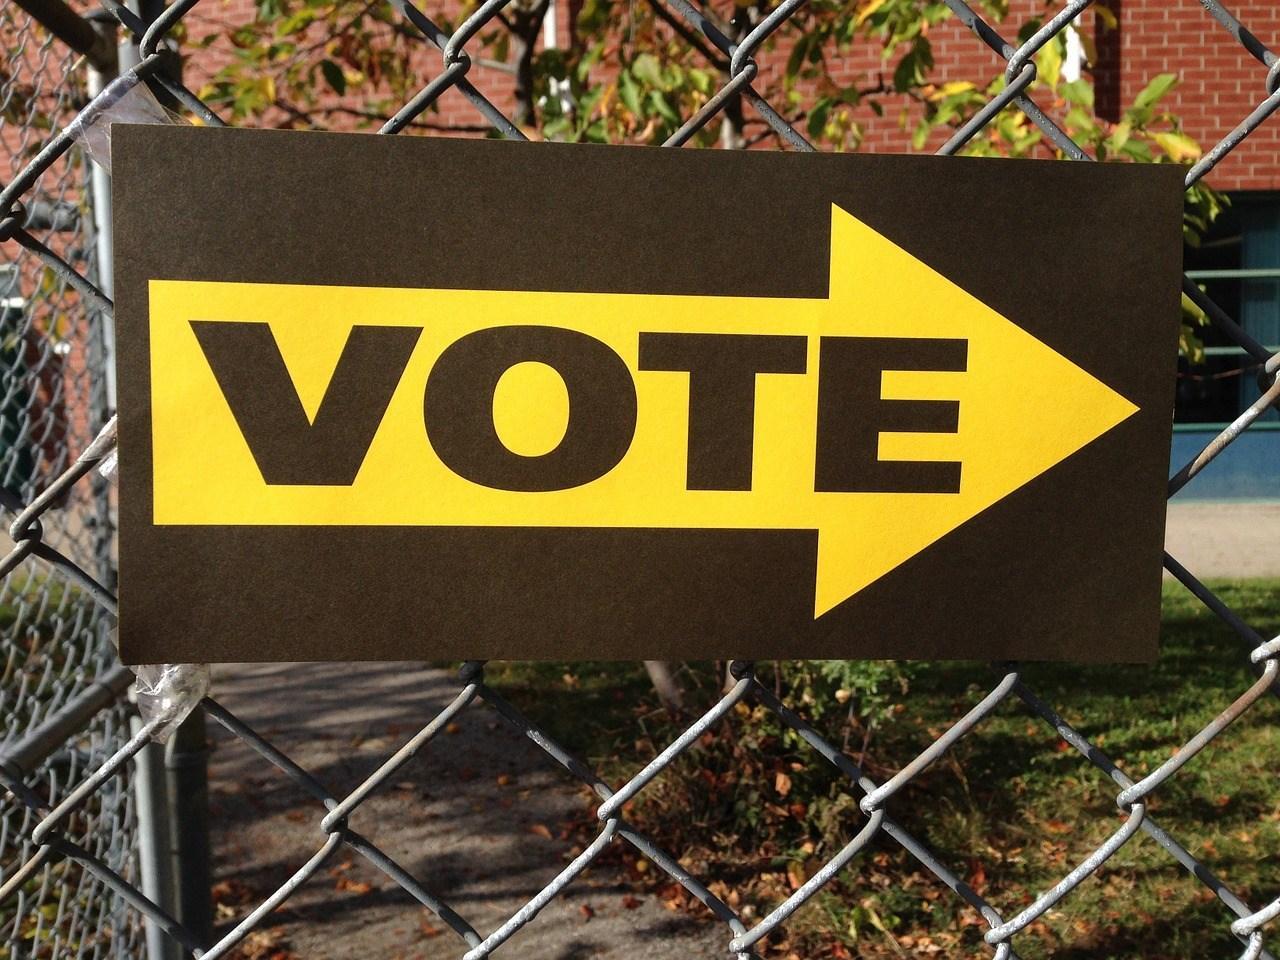 vote-661888_1280.jpg